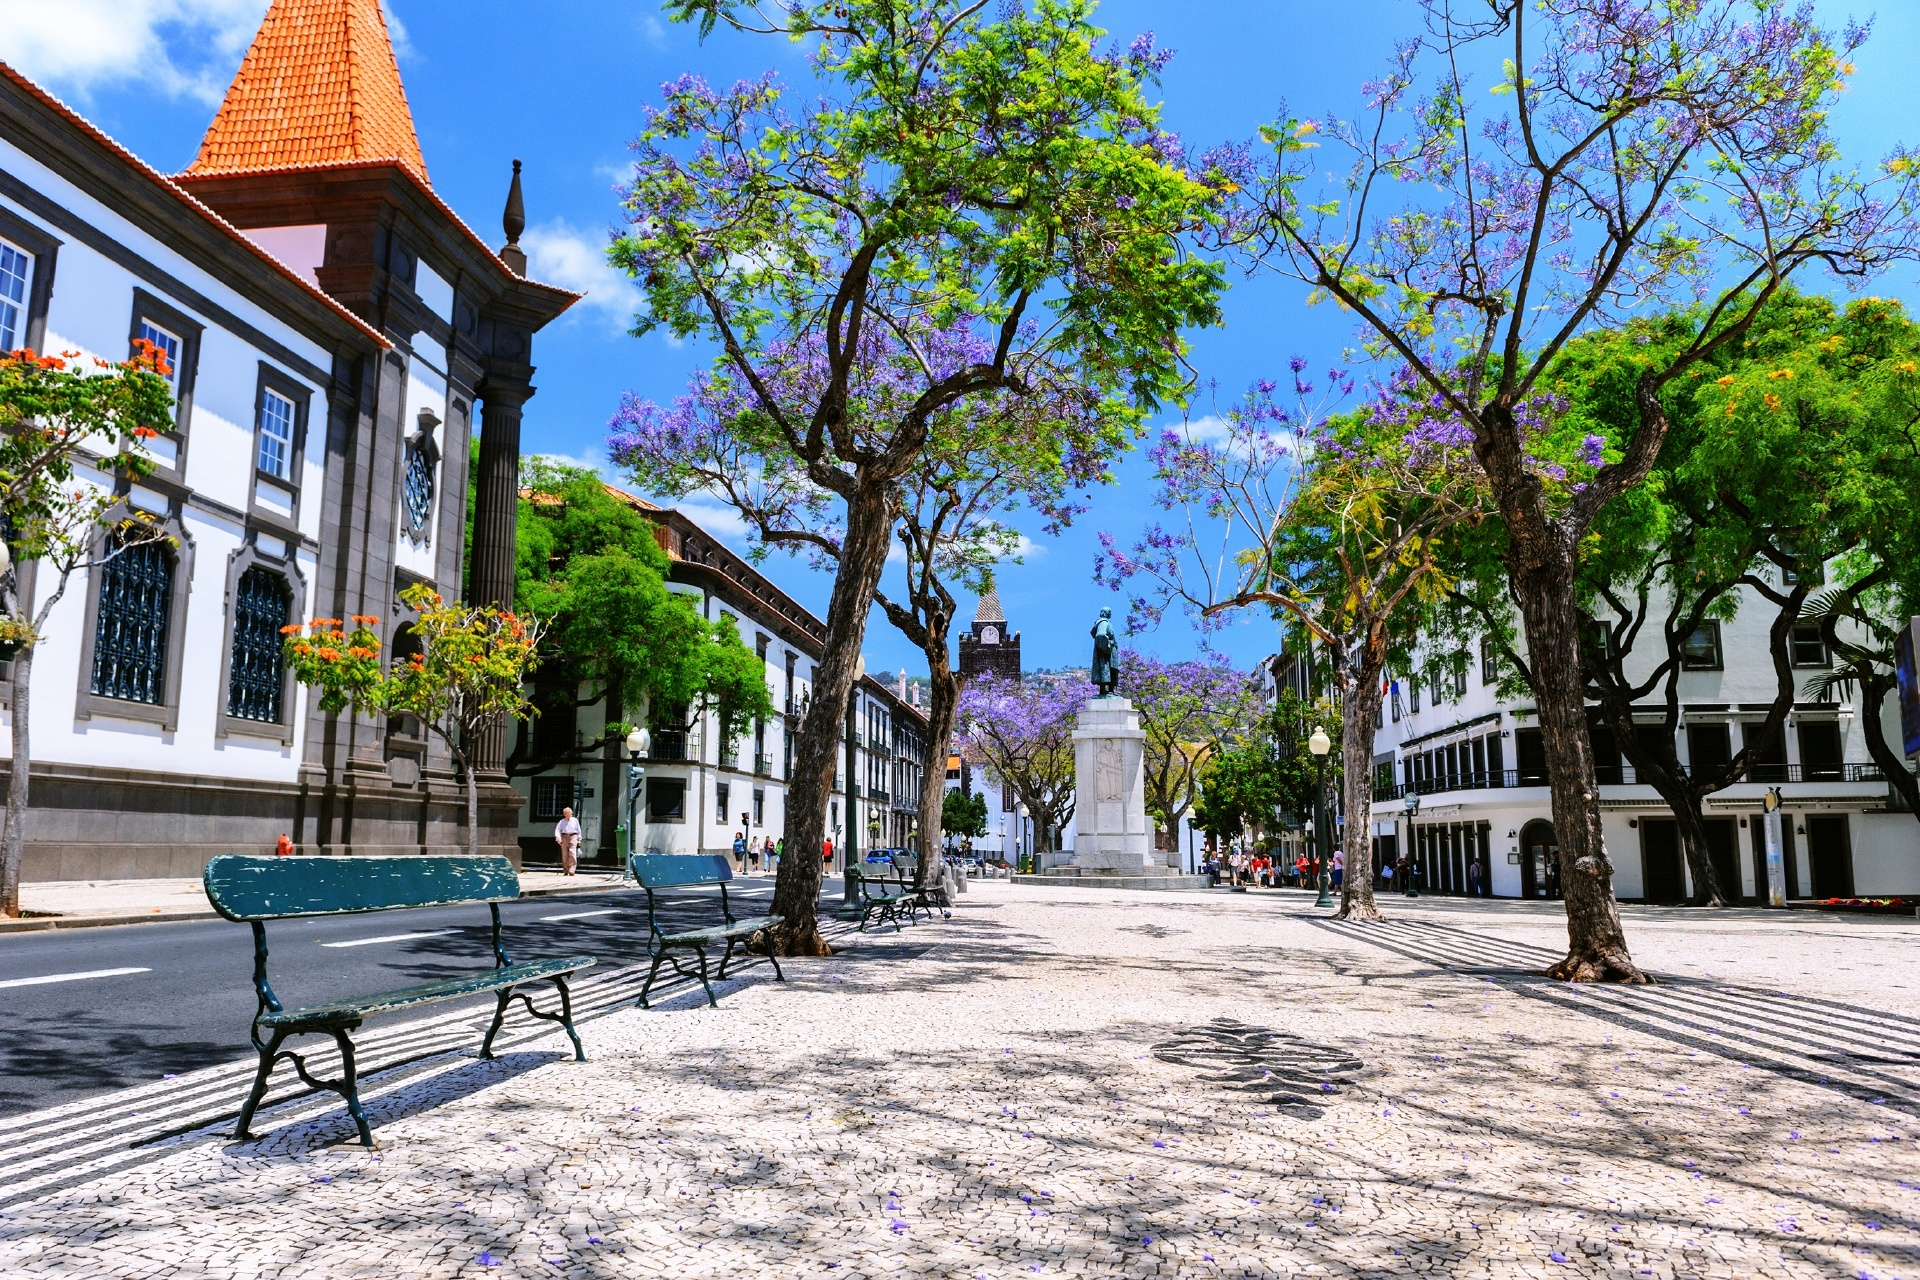 フンシャルの町並み ポルトガルの風景